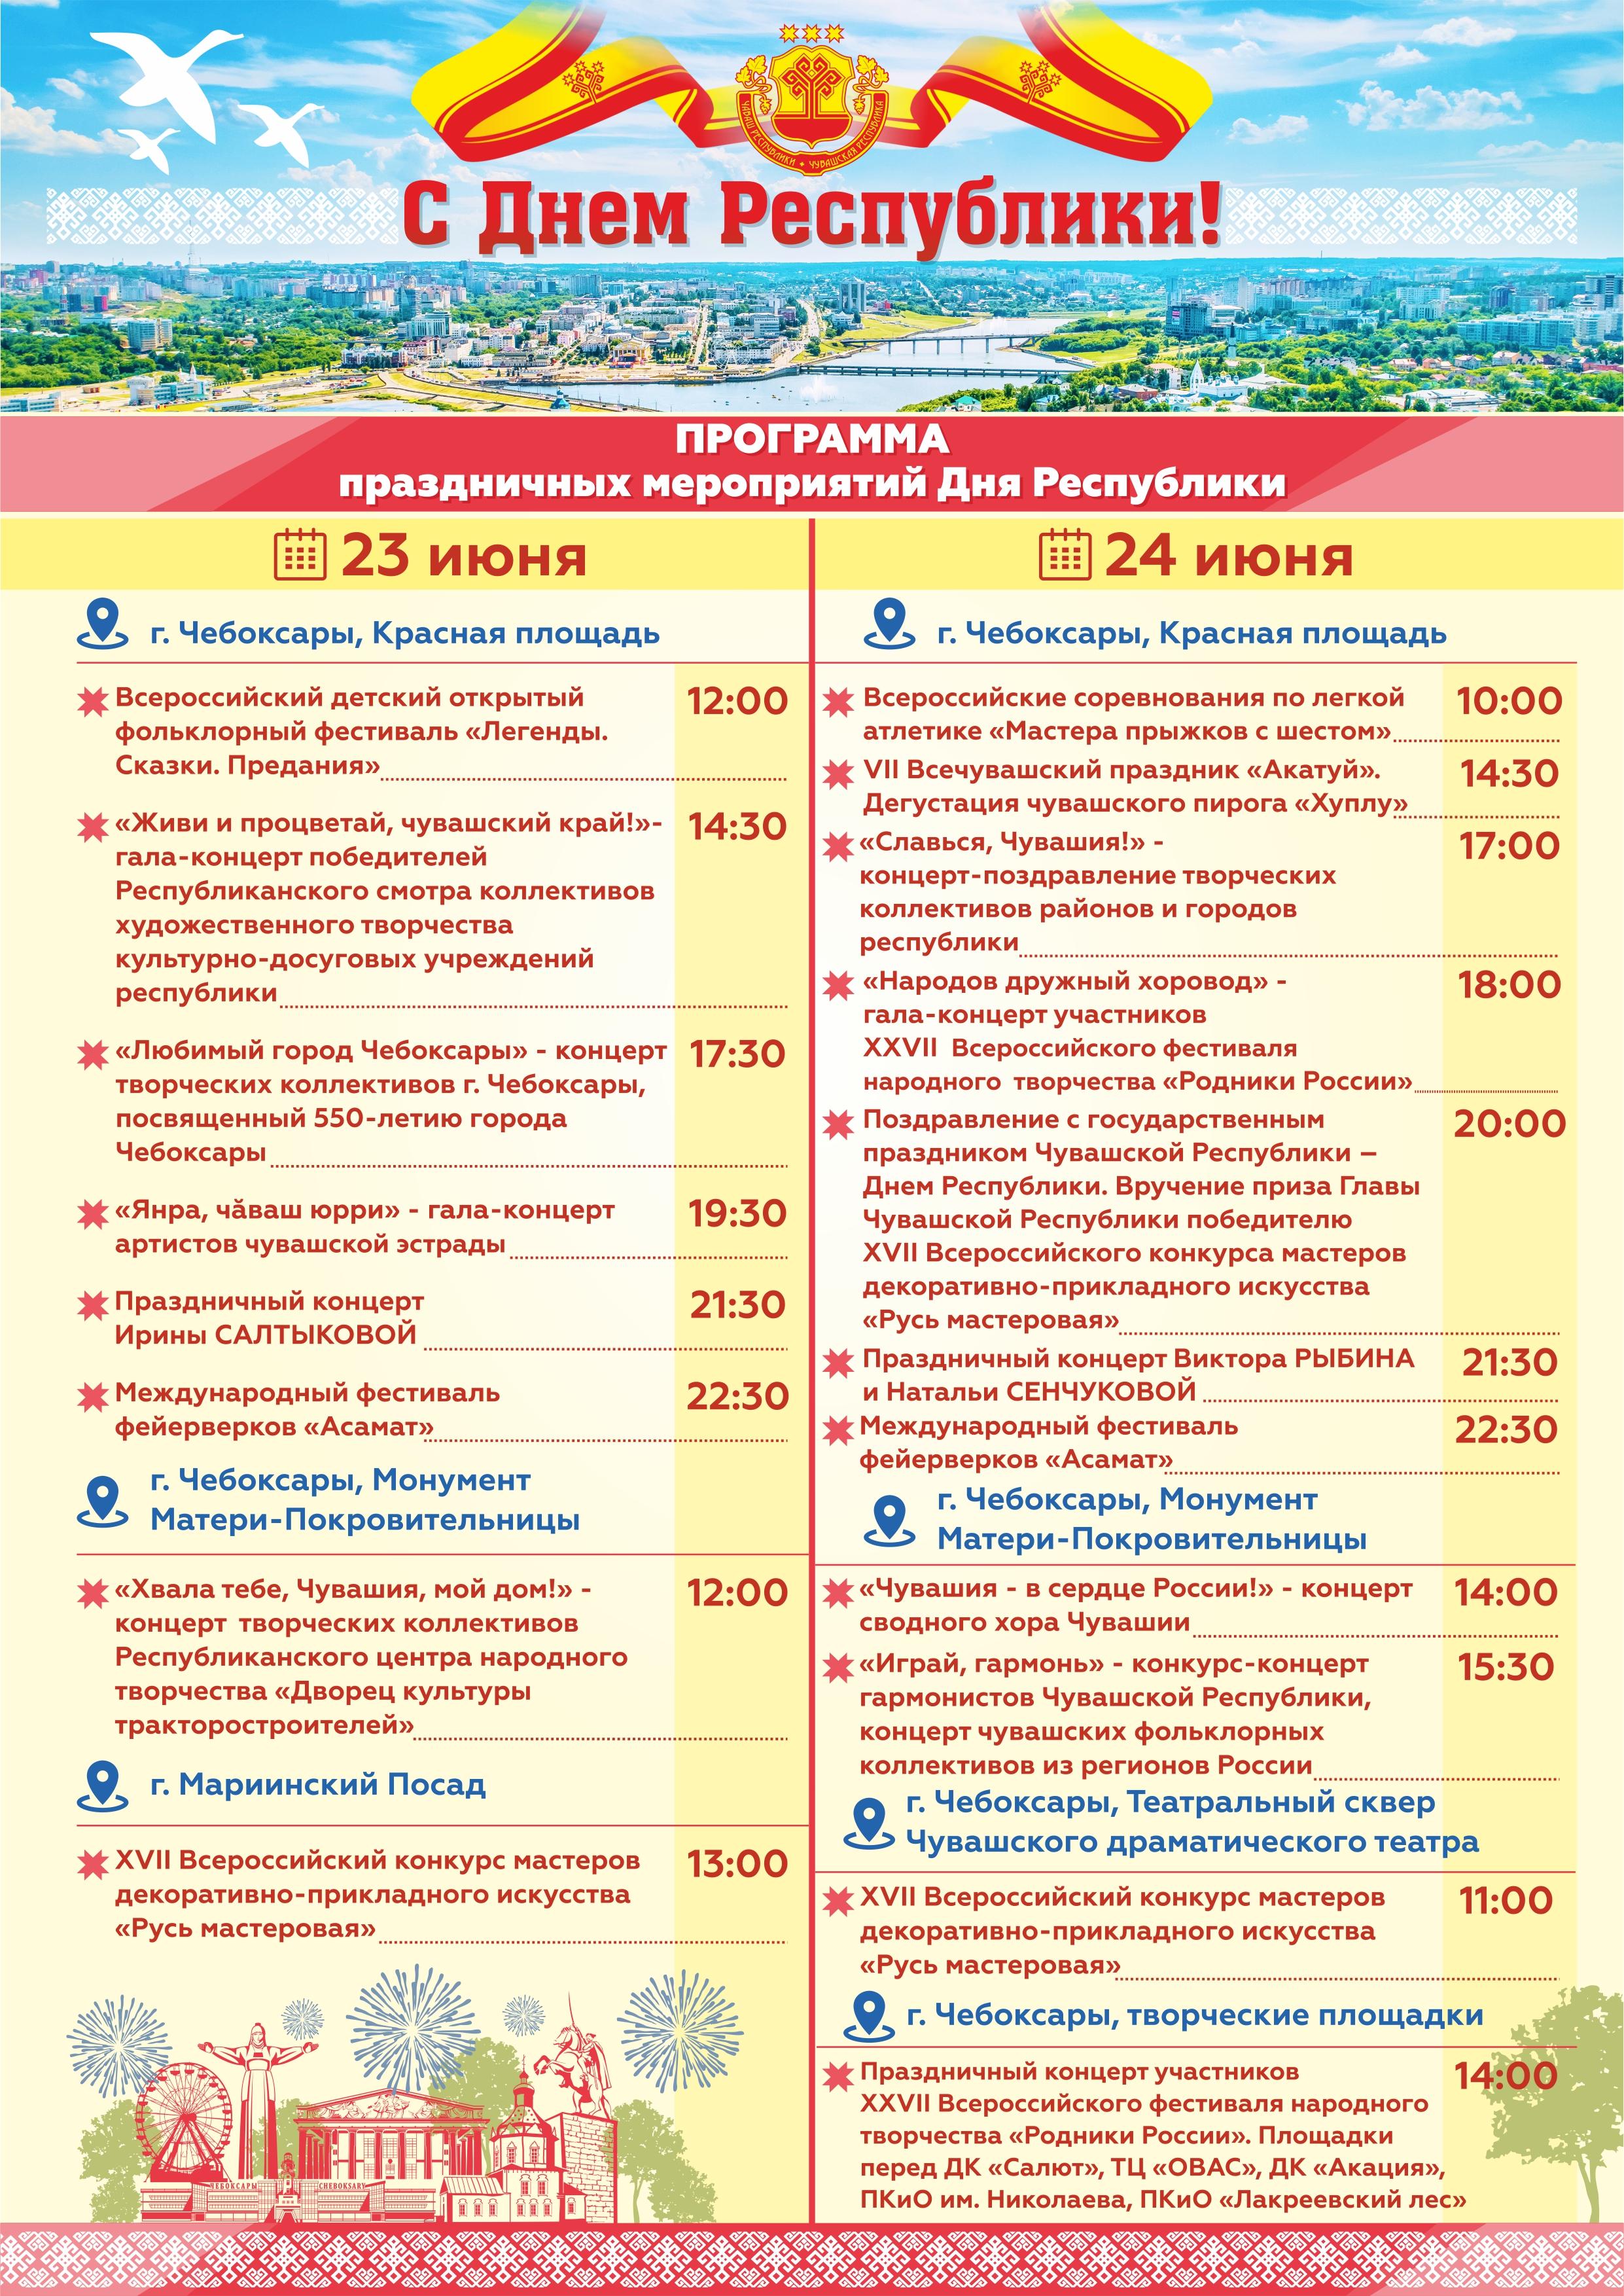 Программа праздничных мероприятий Дня Республики